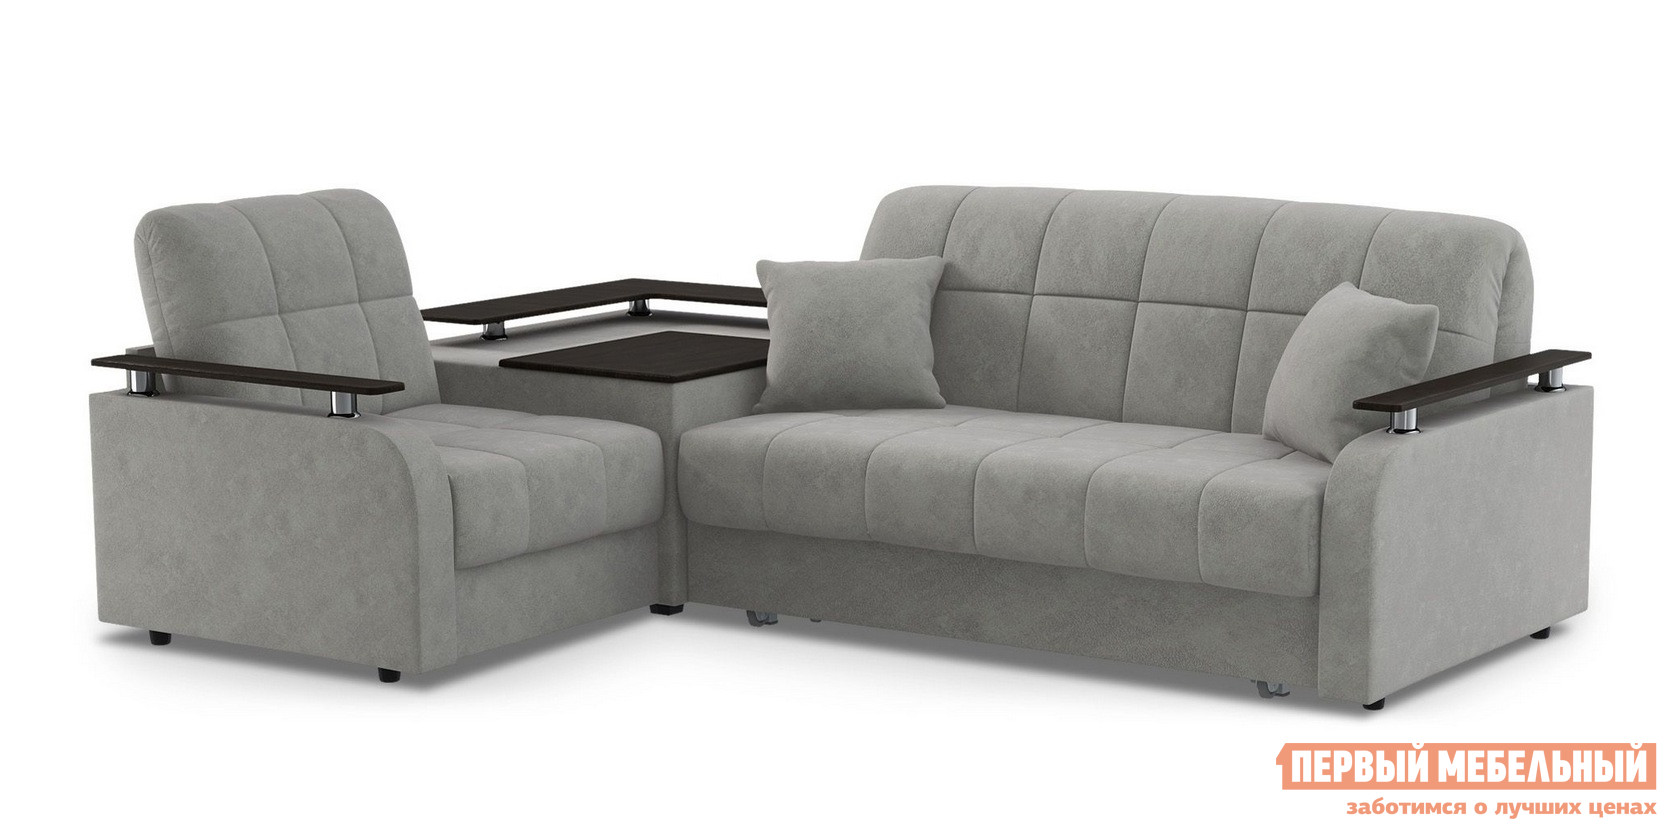 Угловой диван Живые диваны Карина угловой со столиком 044